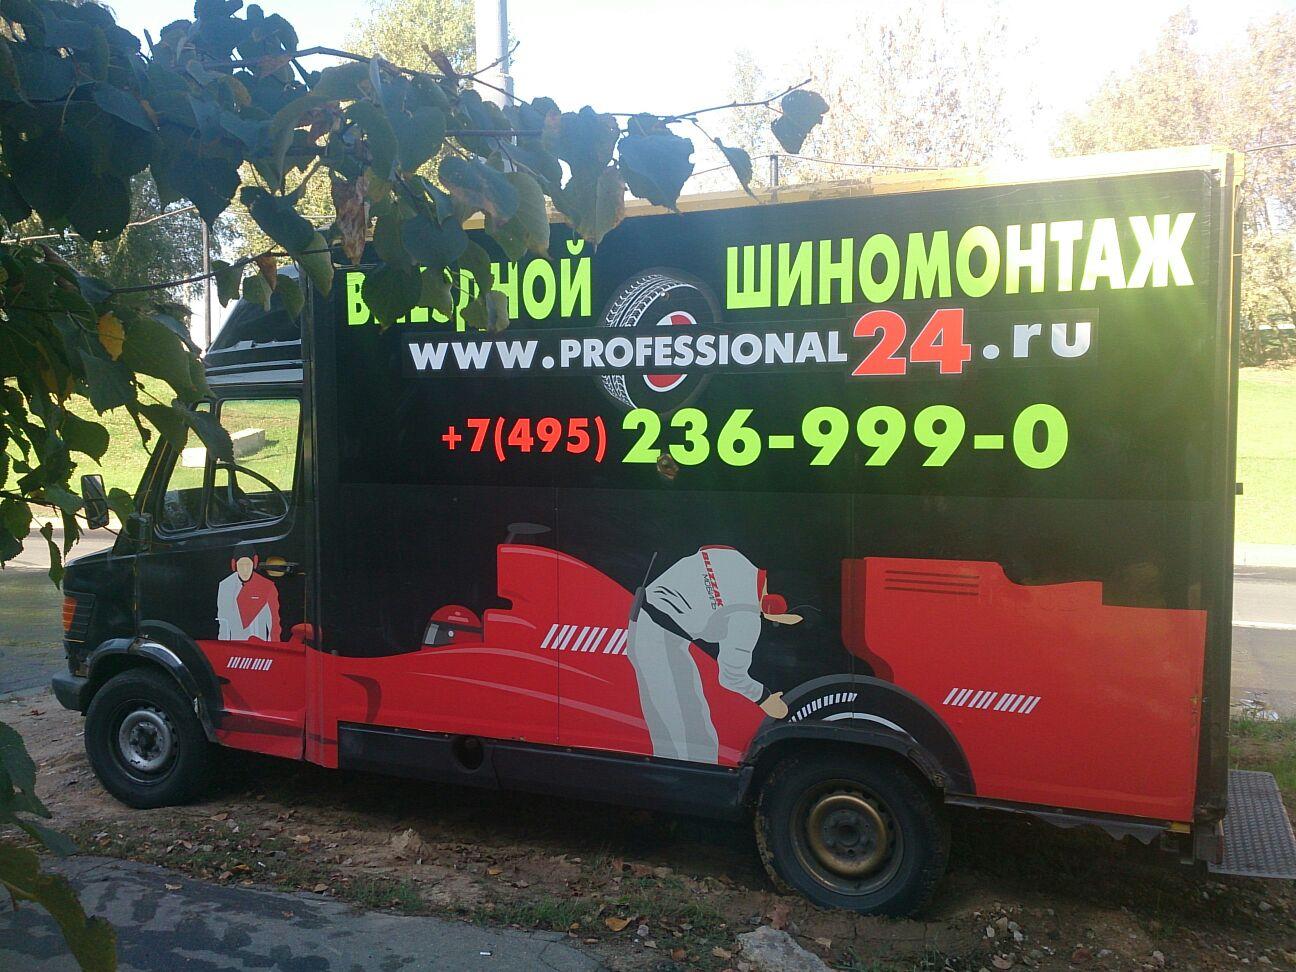 Мобильный автосервис, шиномонтаж, Москва от Professional24